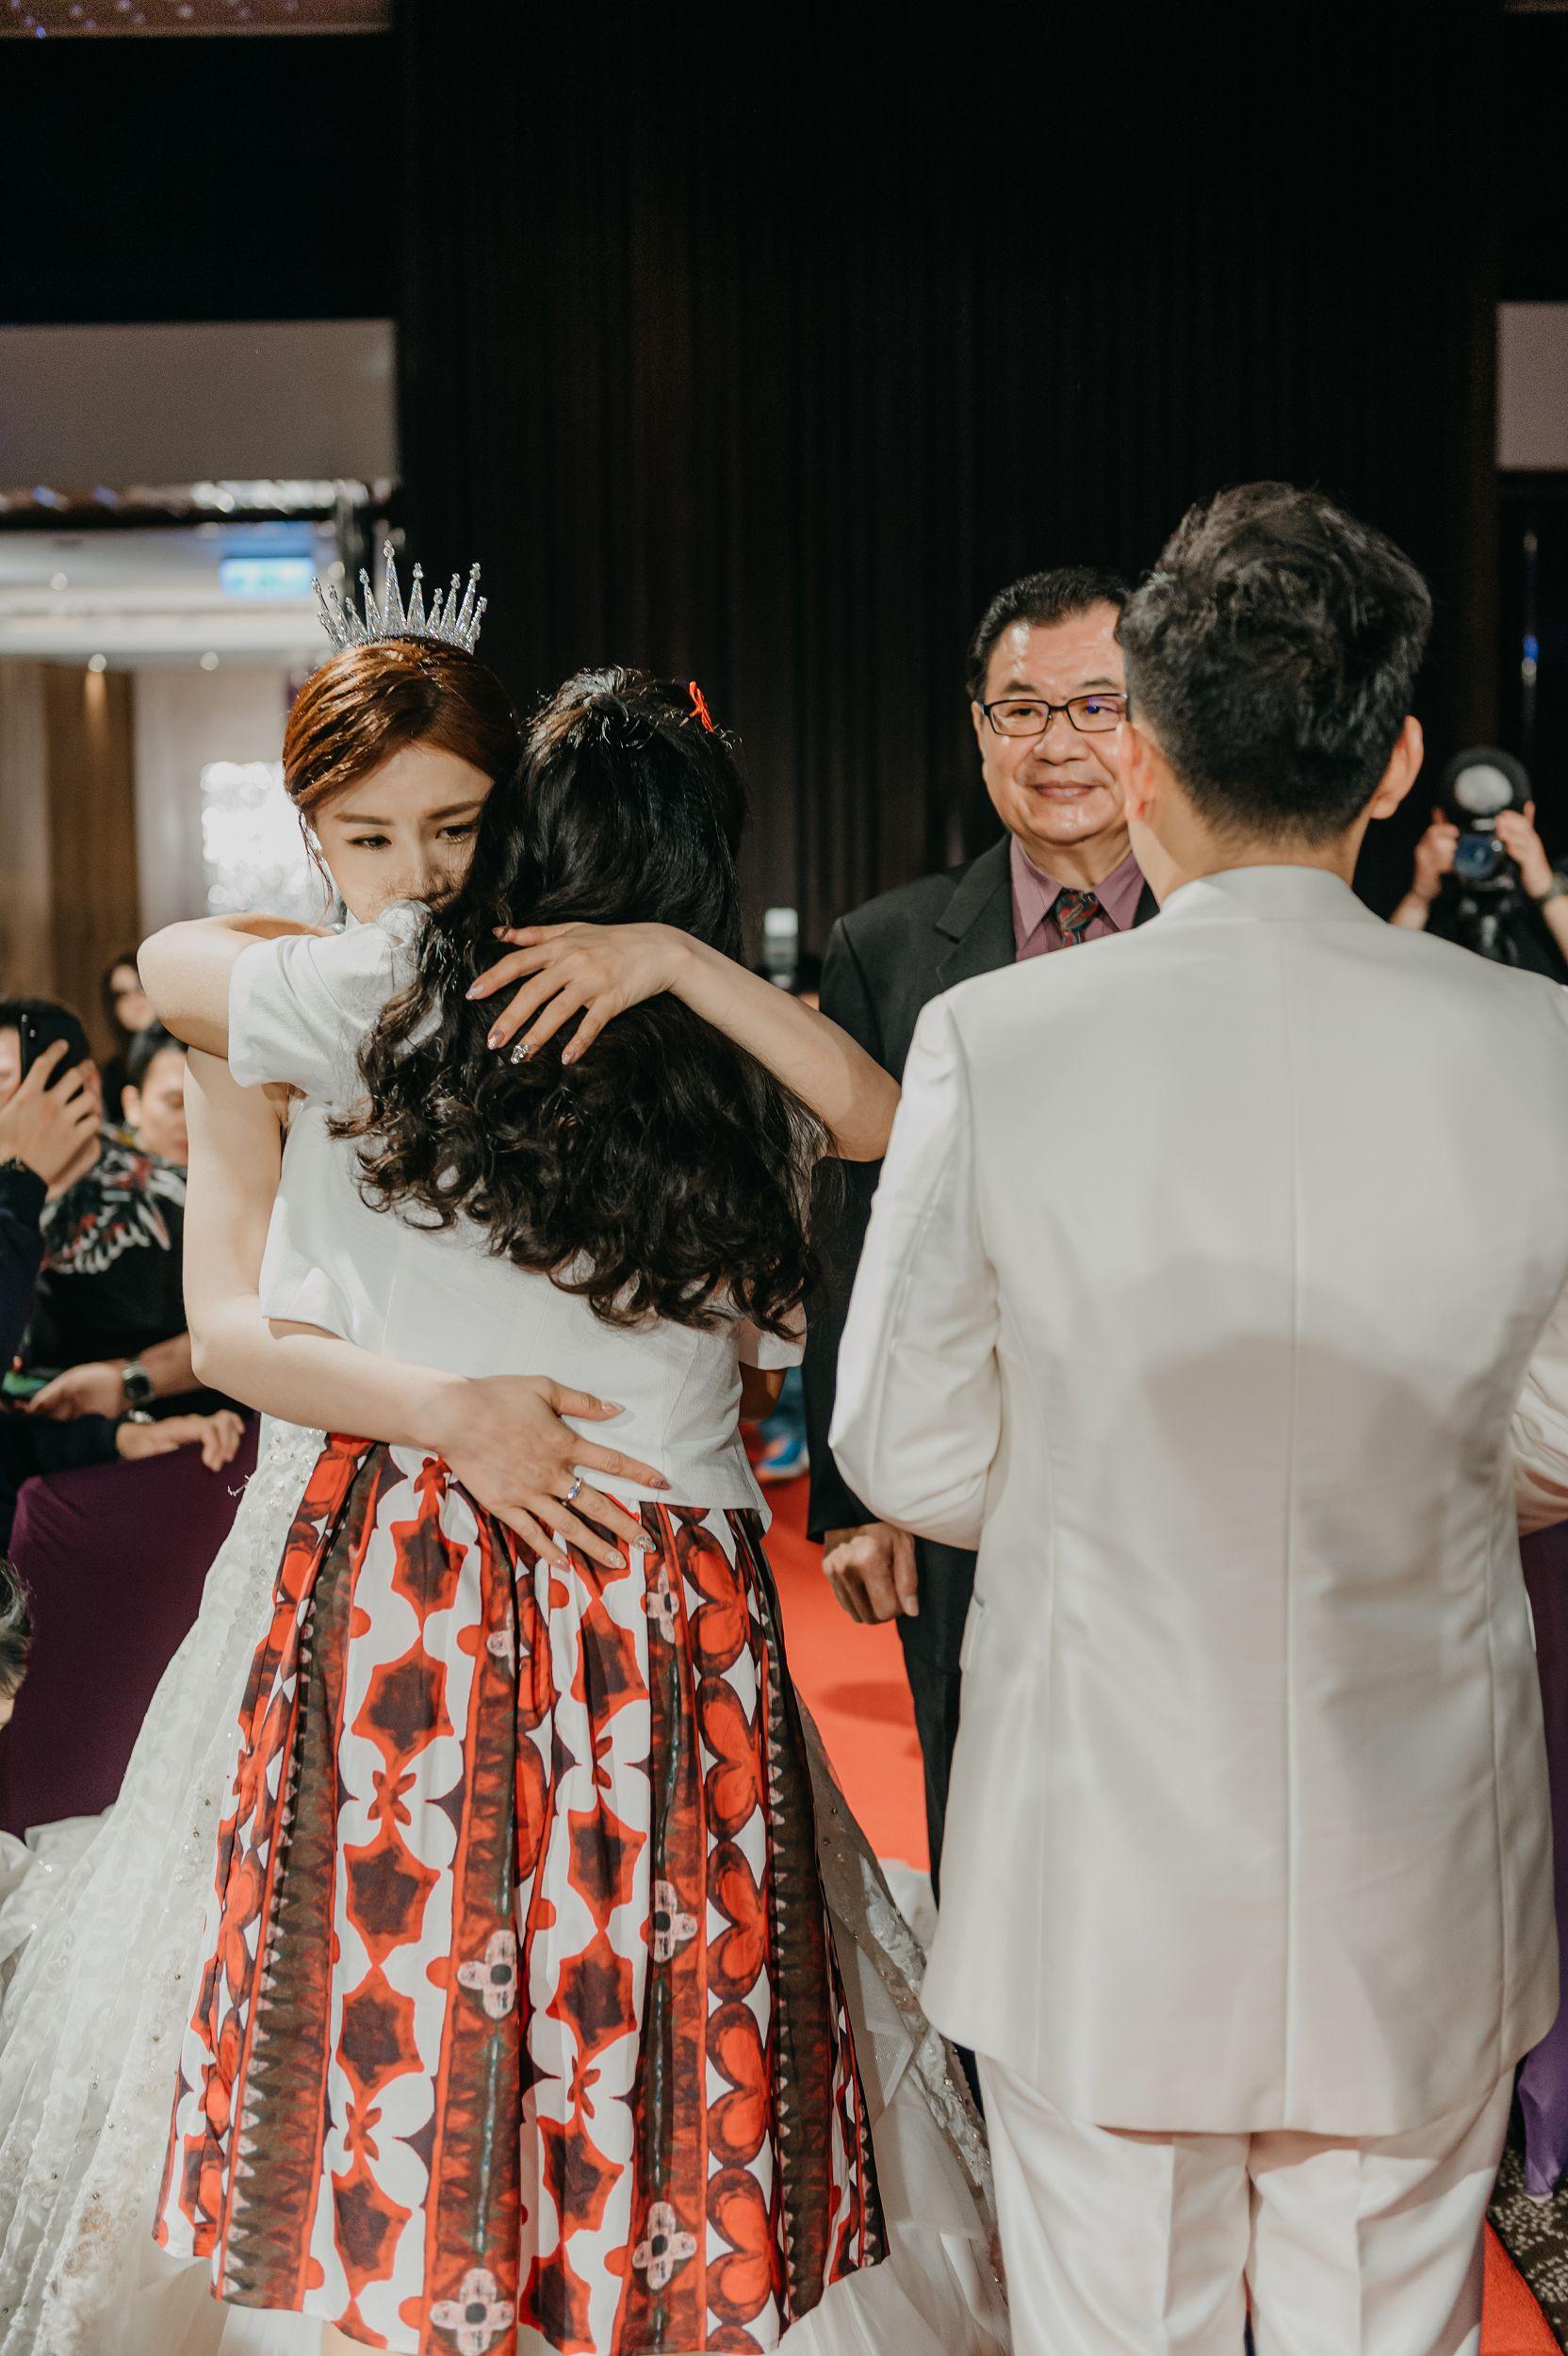 婚禮紀錄,婚攝,雙人雙機,雙主攝,風雲20,新娘物語推薦,台北婚攝,whotel,新秘,造型,文定儀式,迎娶,闖關,拜別,類婚紗,儀式引導,婚禮佈置,全家福